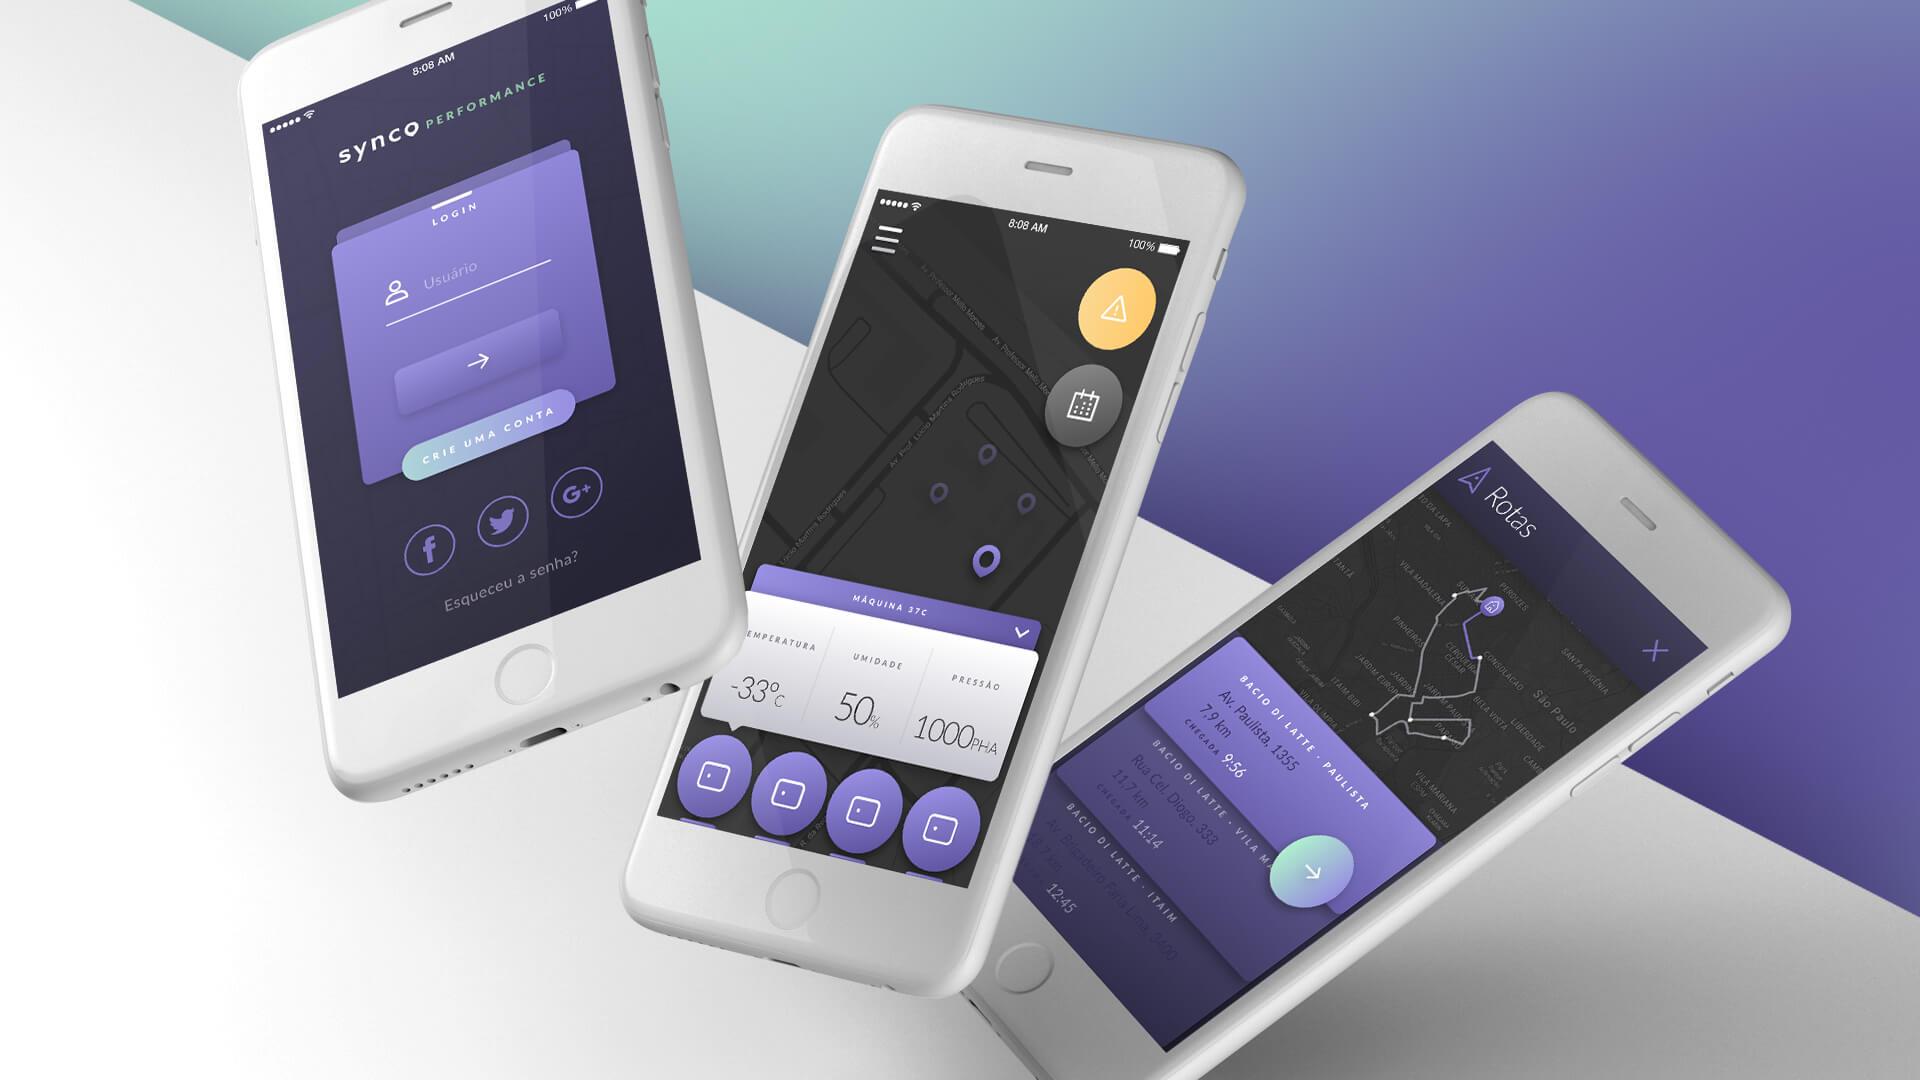 app-synco